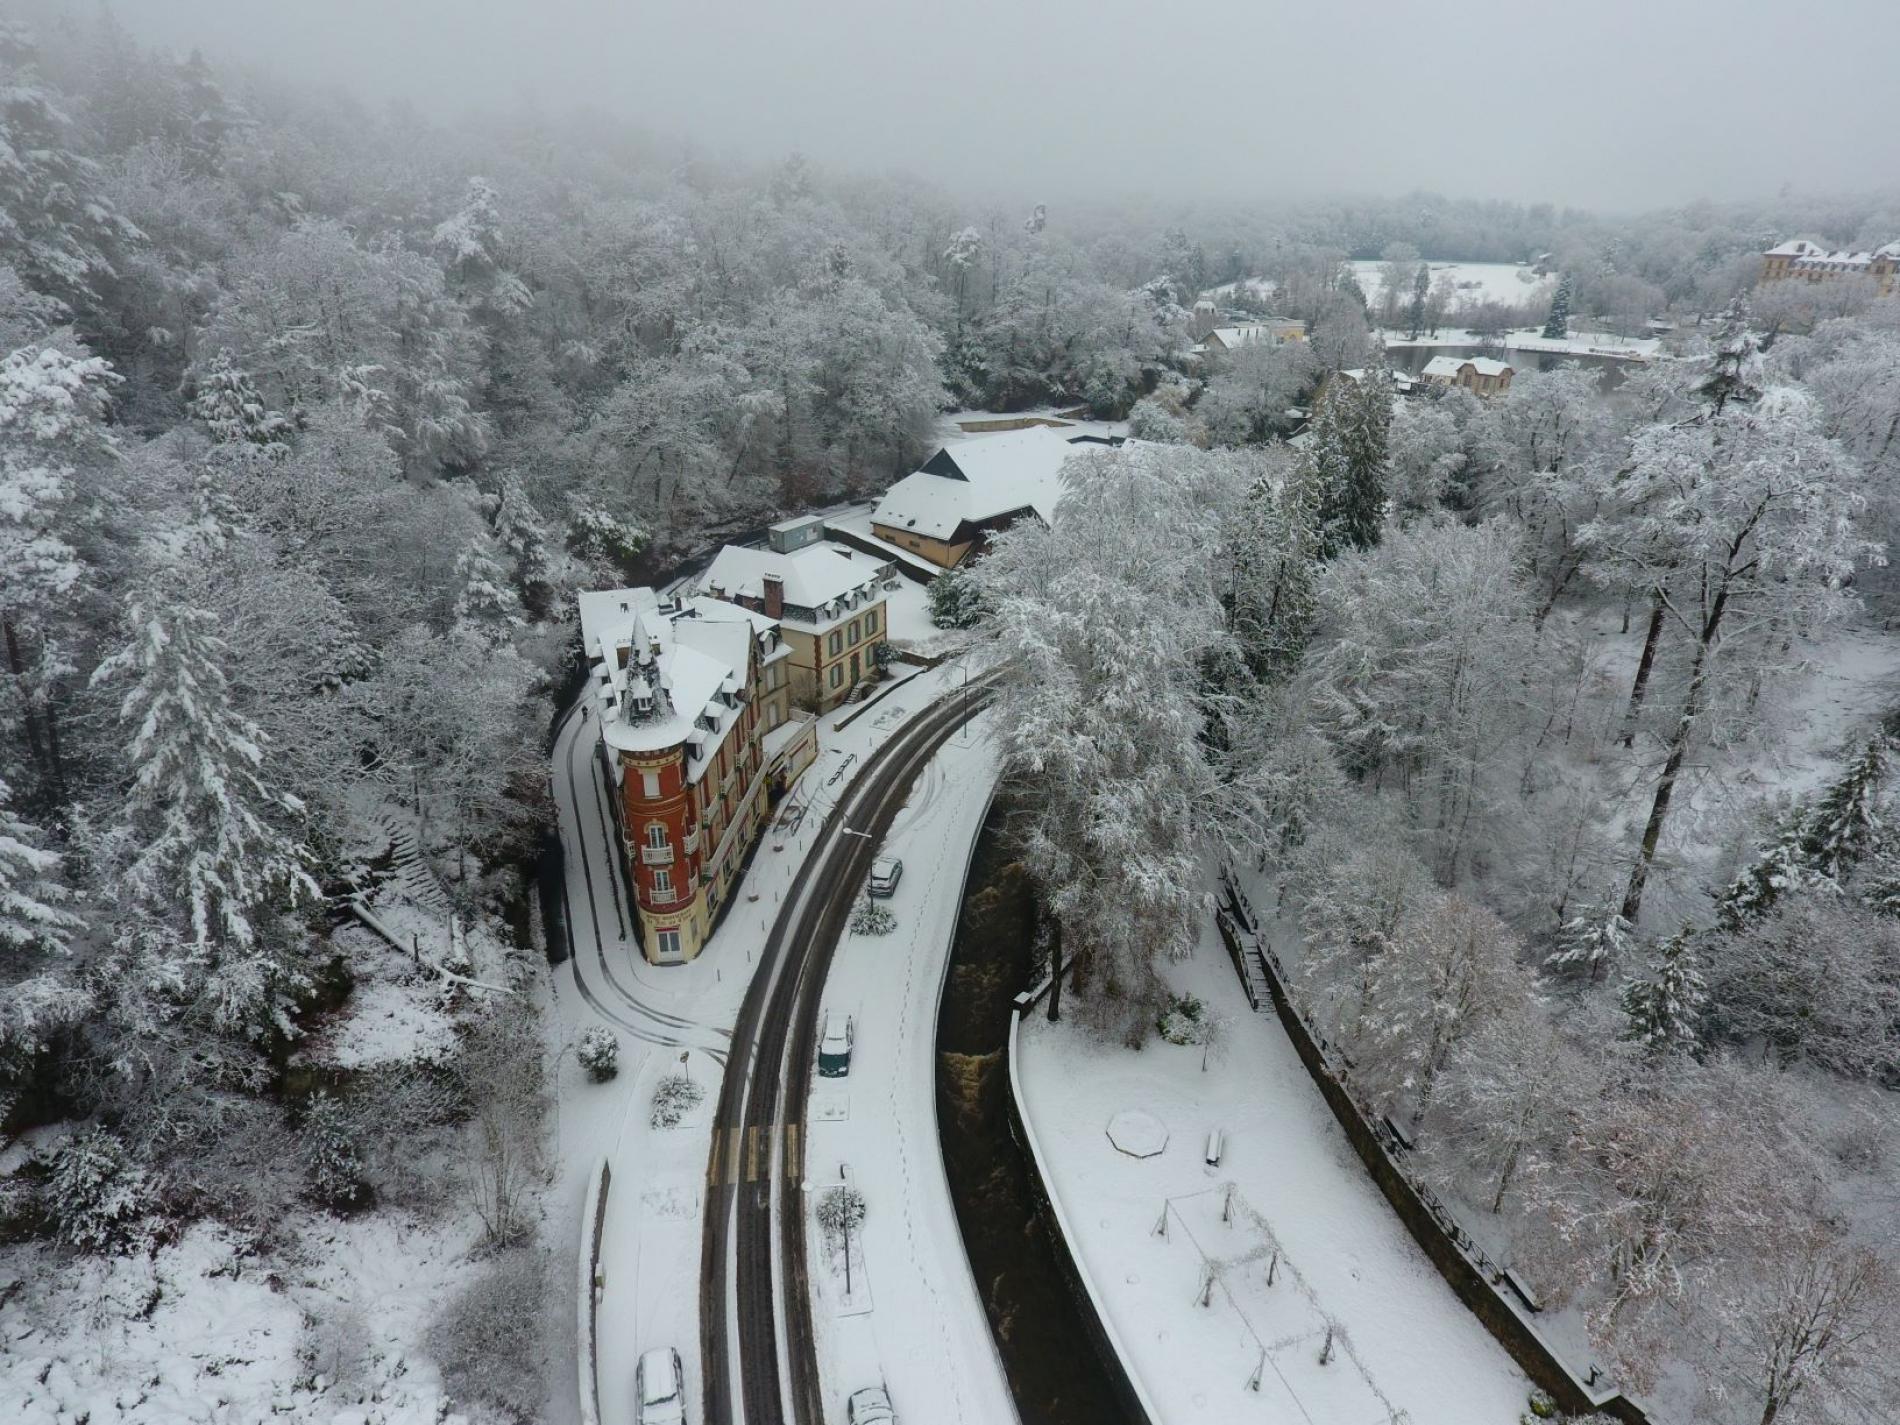 Hôtel SPA Le Roc au chien vue du ciel sous la neige Bagnoles de l'Orne Normandie